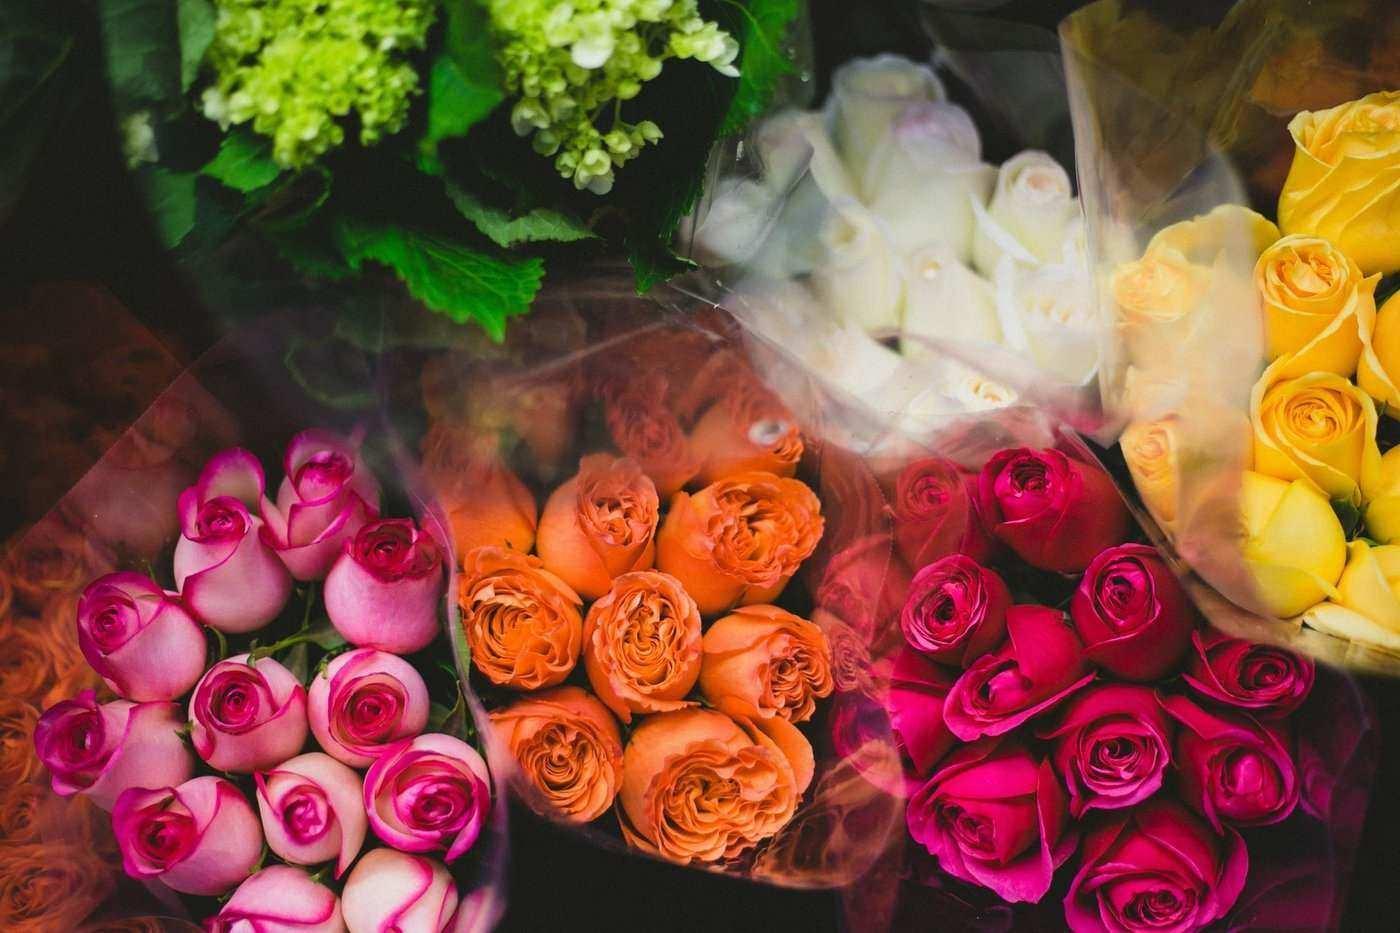 Aussehen blumen wie rosen die ähnlich Künstliche Rosen